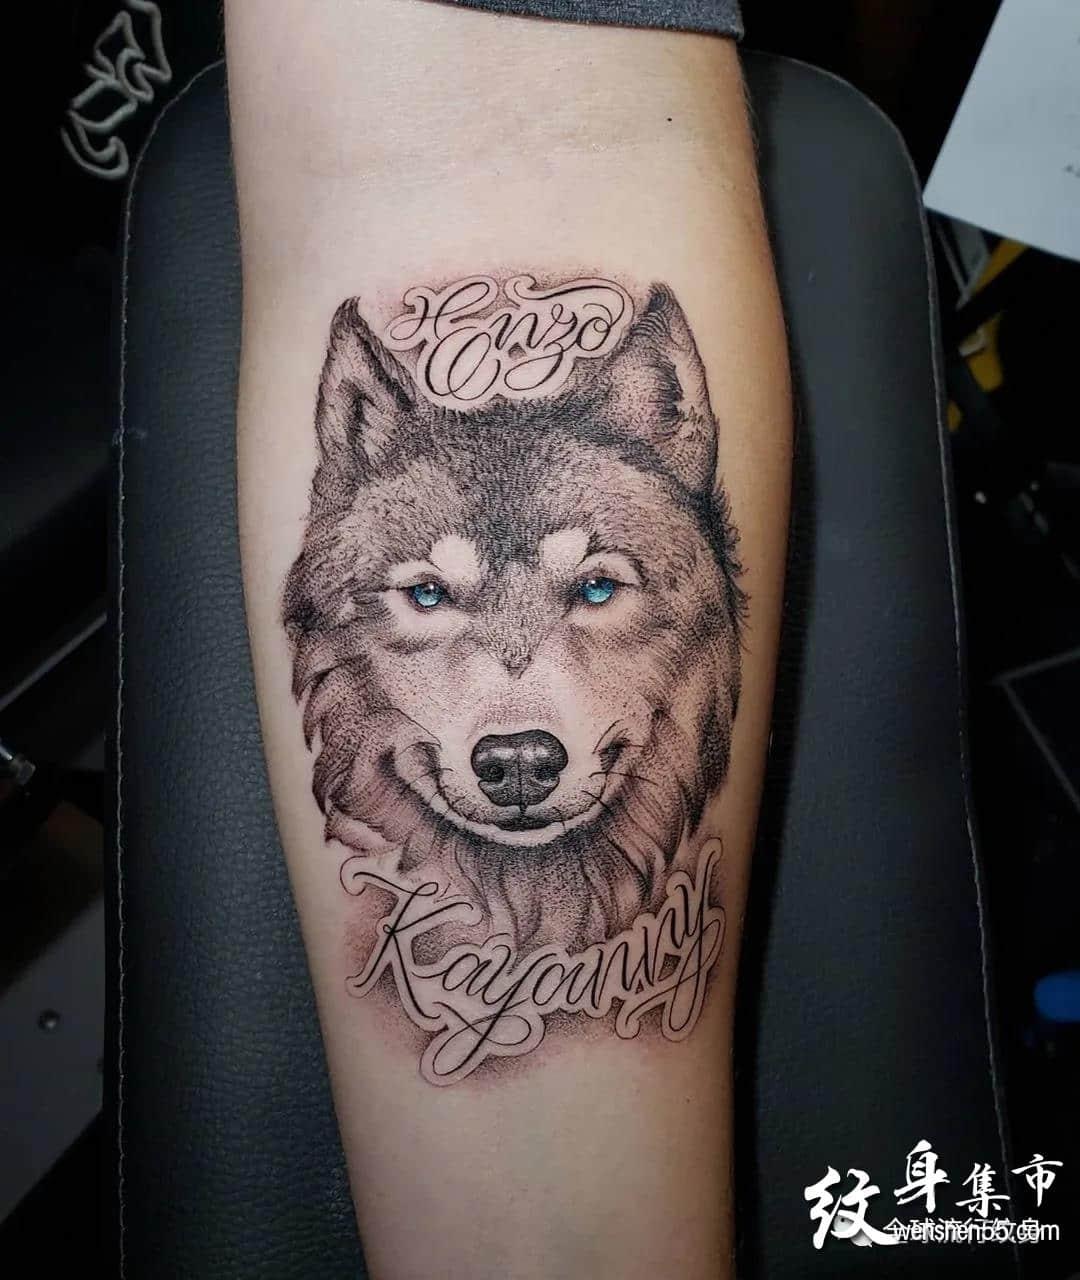 狼纹身,狼纹身手稿,狼纹身手稿图案